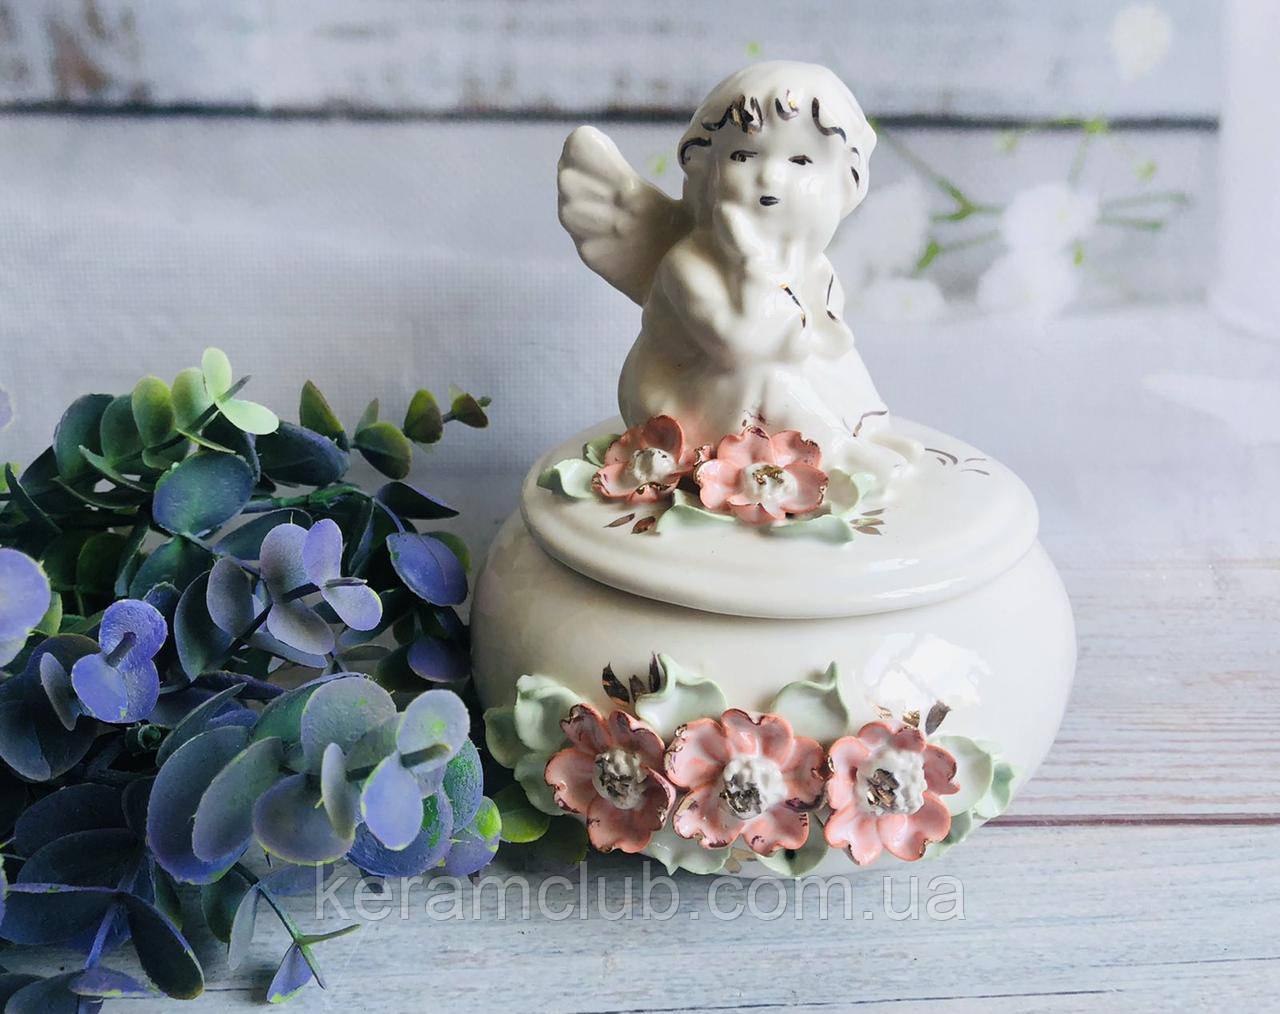 Шкатулка Керамклуб Ангелок цветочная лепка 15*15*16